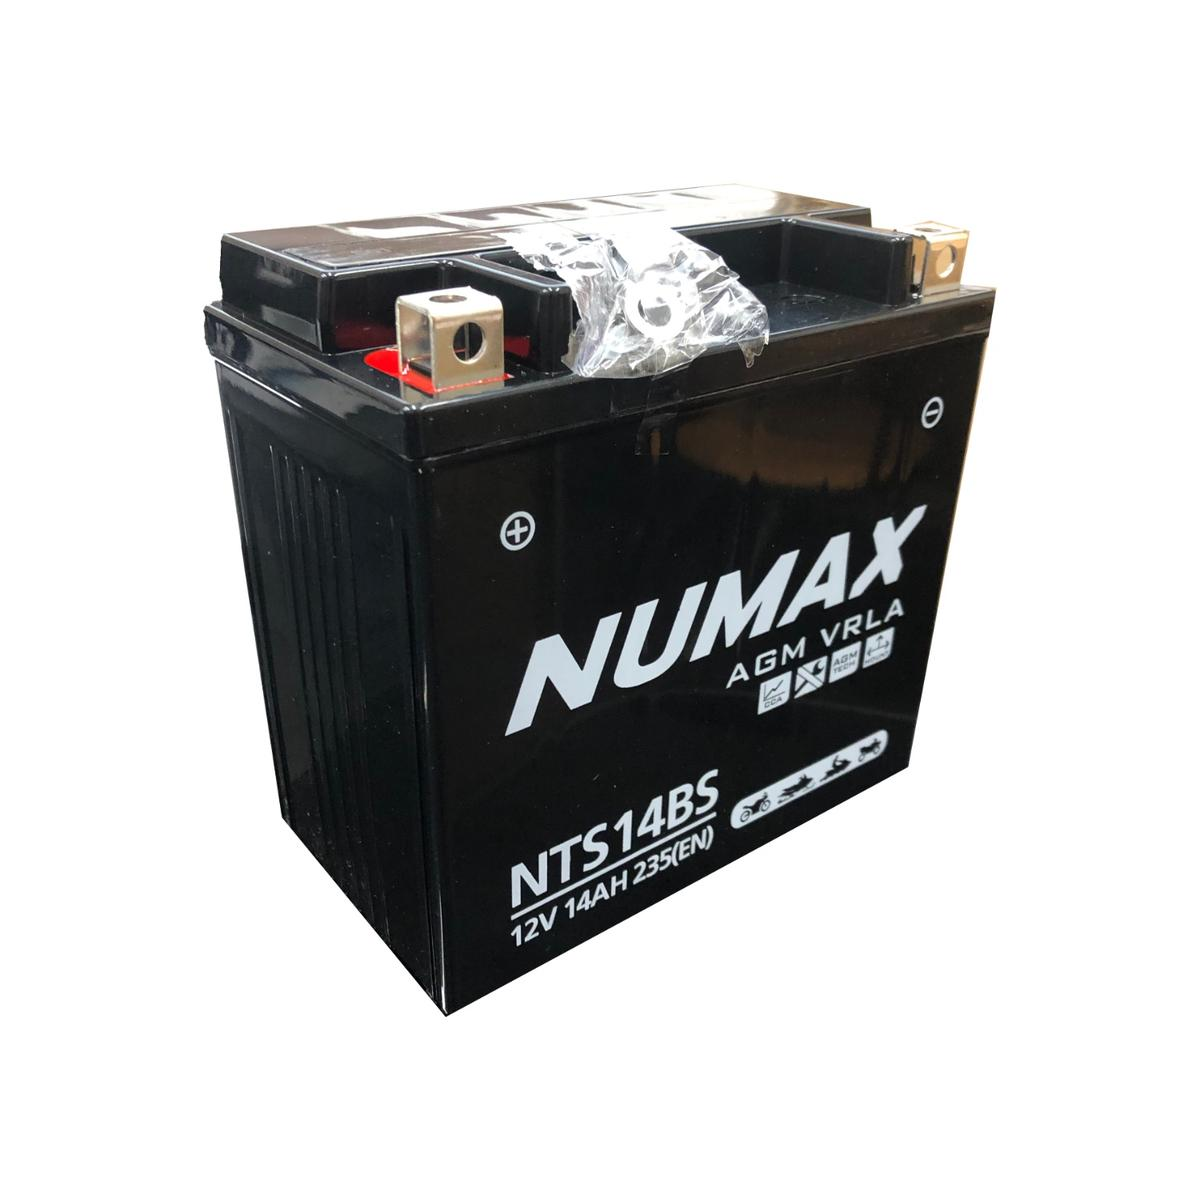 Numax NTS14BS 12v Motorbike Bike Battery KAWASAKI 1100cc Ninja ZX11 YTX14-4